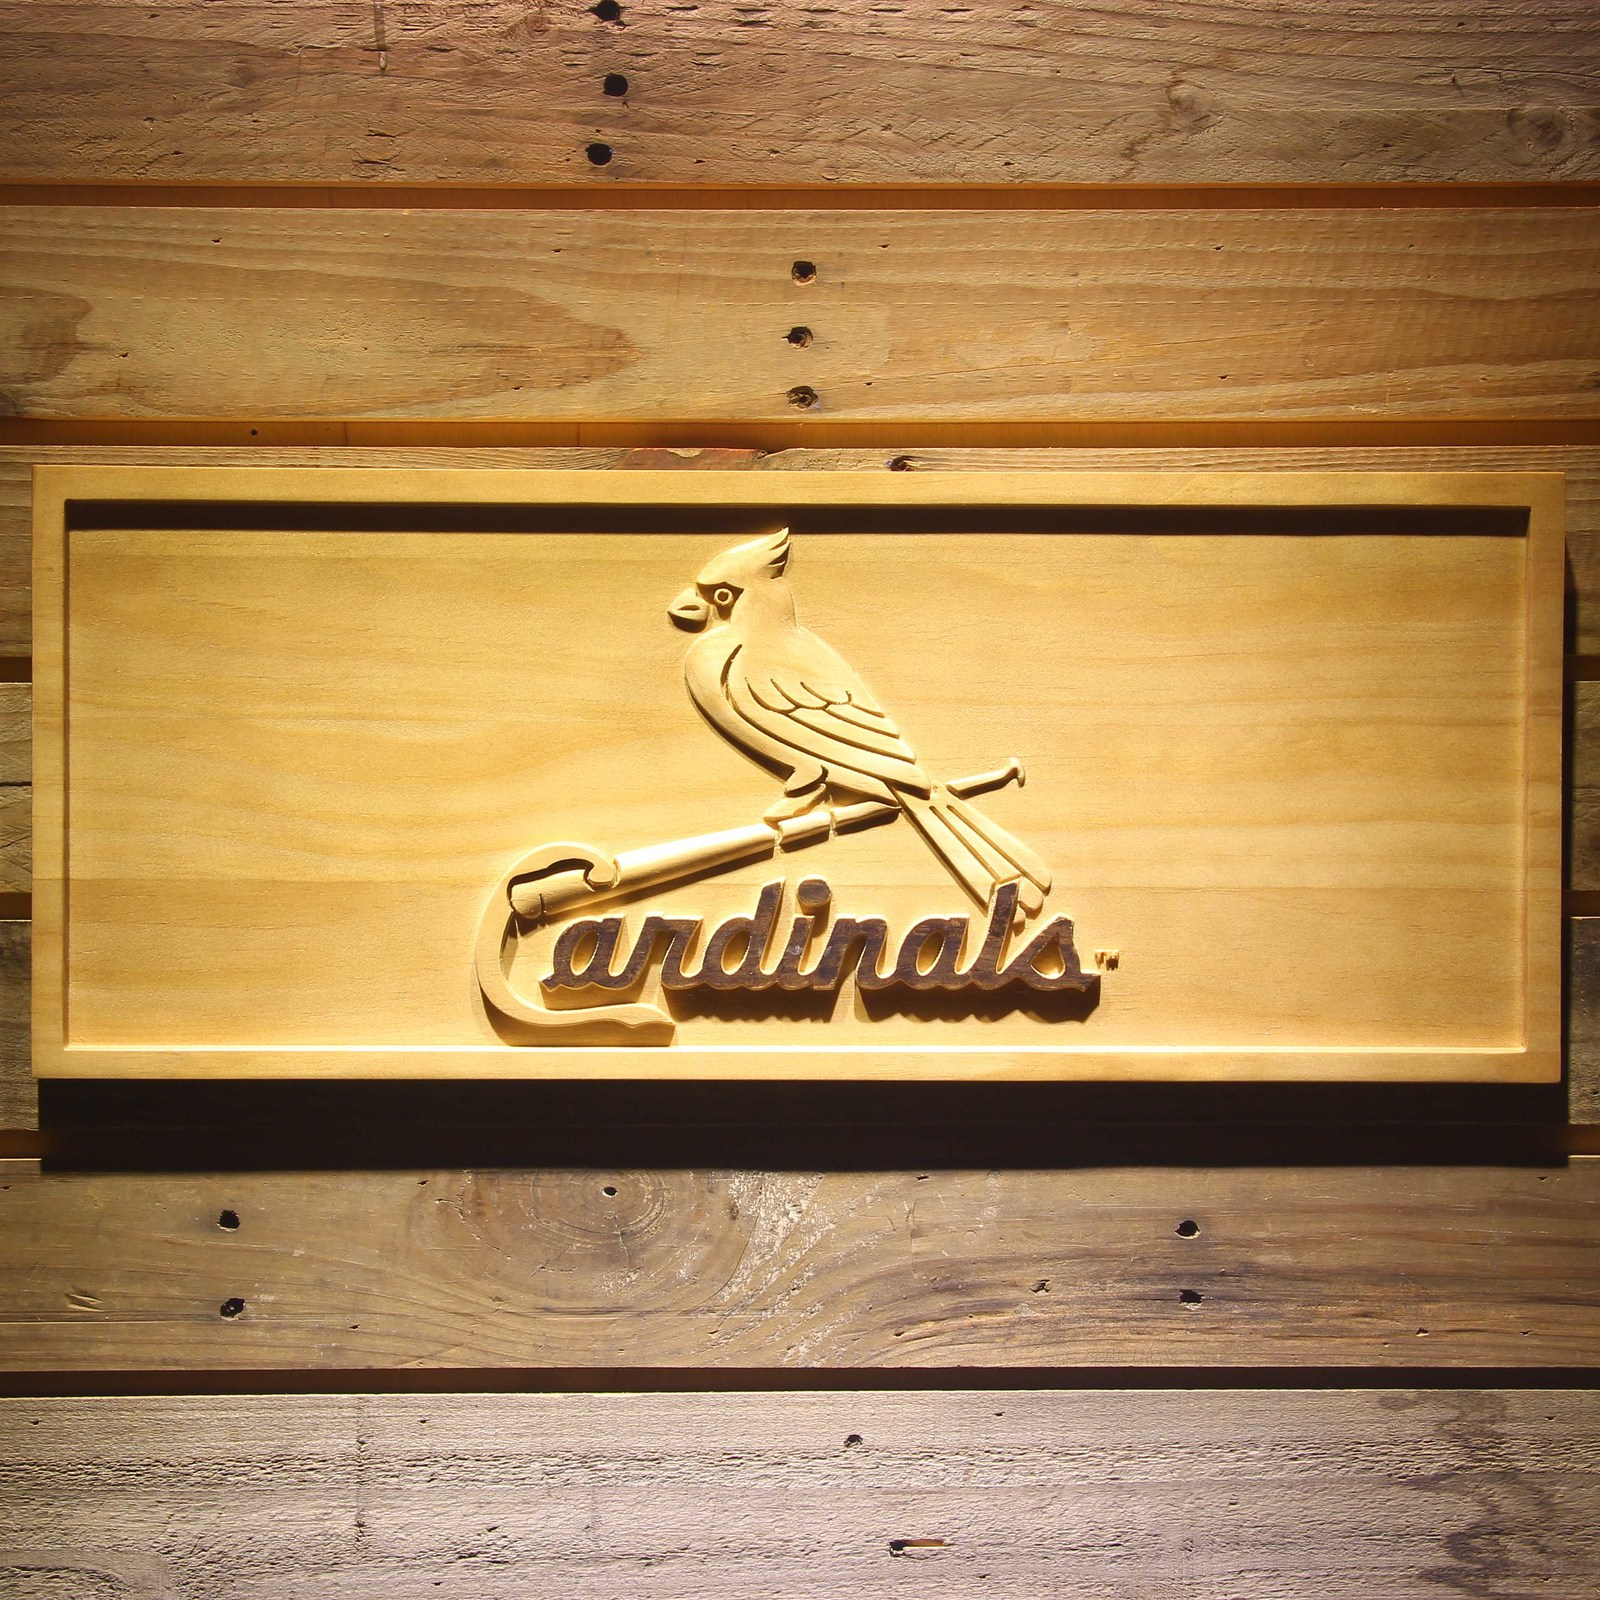 Baseball Home Decor: St. Louis Cardinals MLB Baseball Team Wooden Sign Wall Art